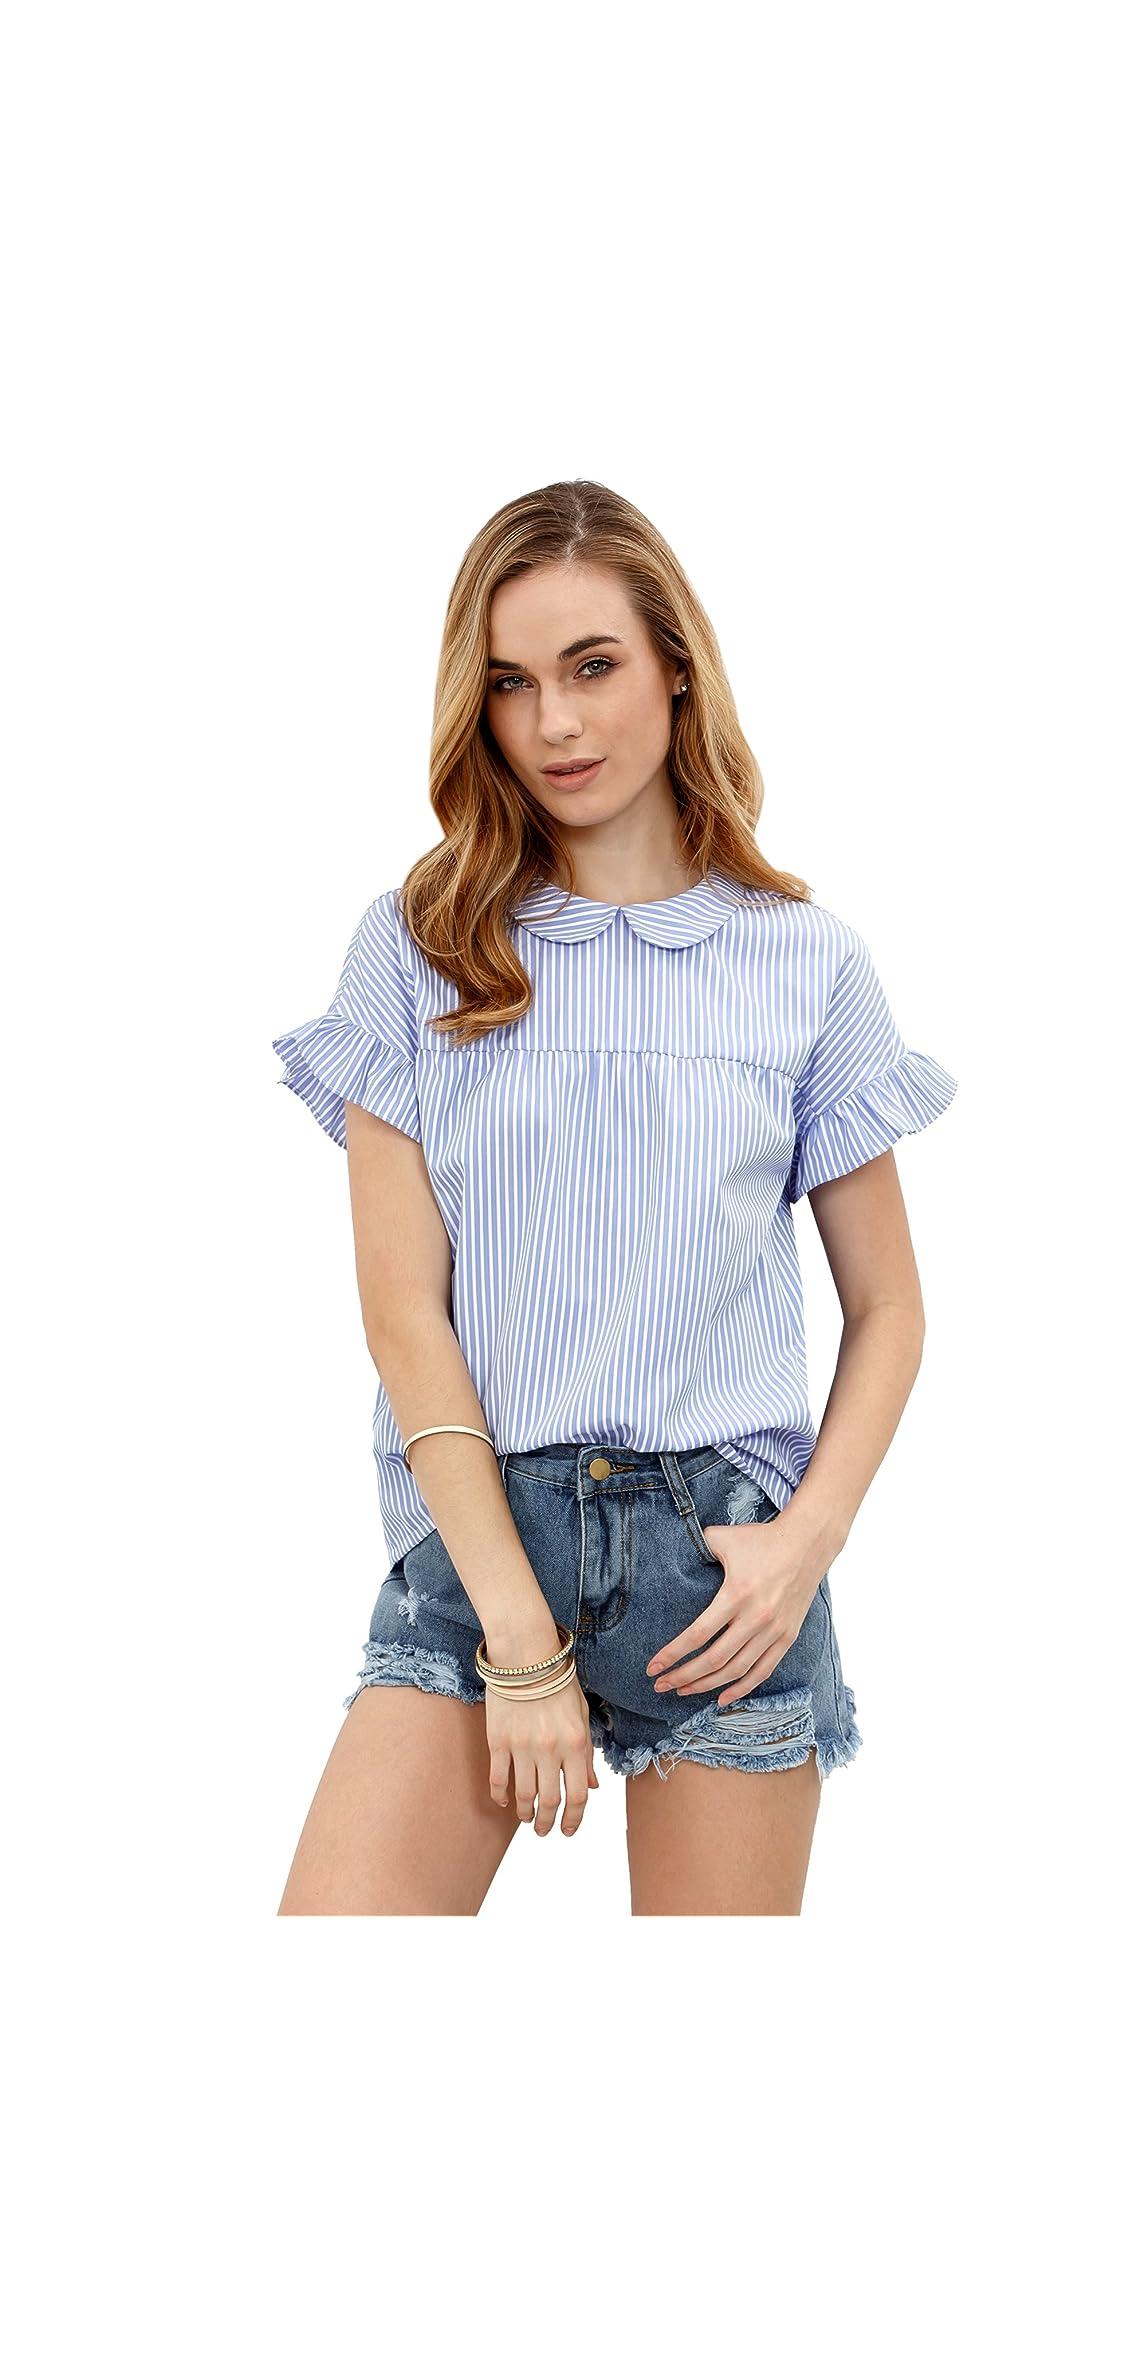 Women's Cute Striped Peter Pan Collar Short Sleeve Blouse